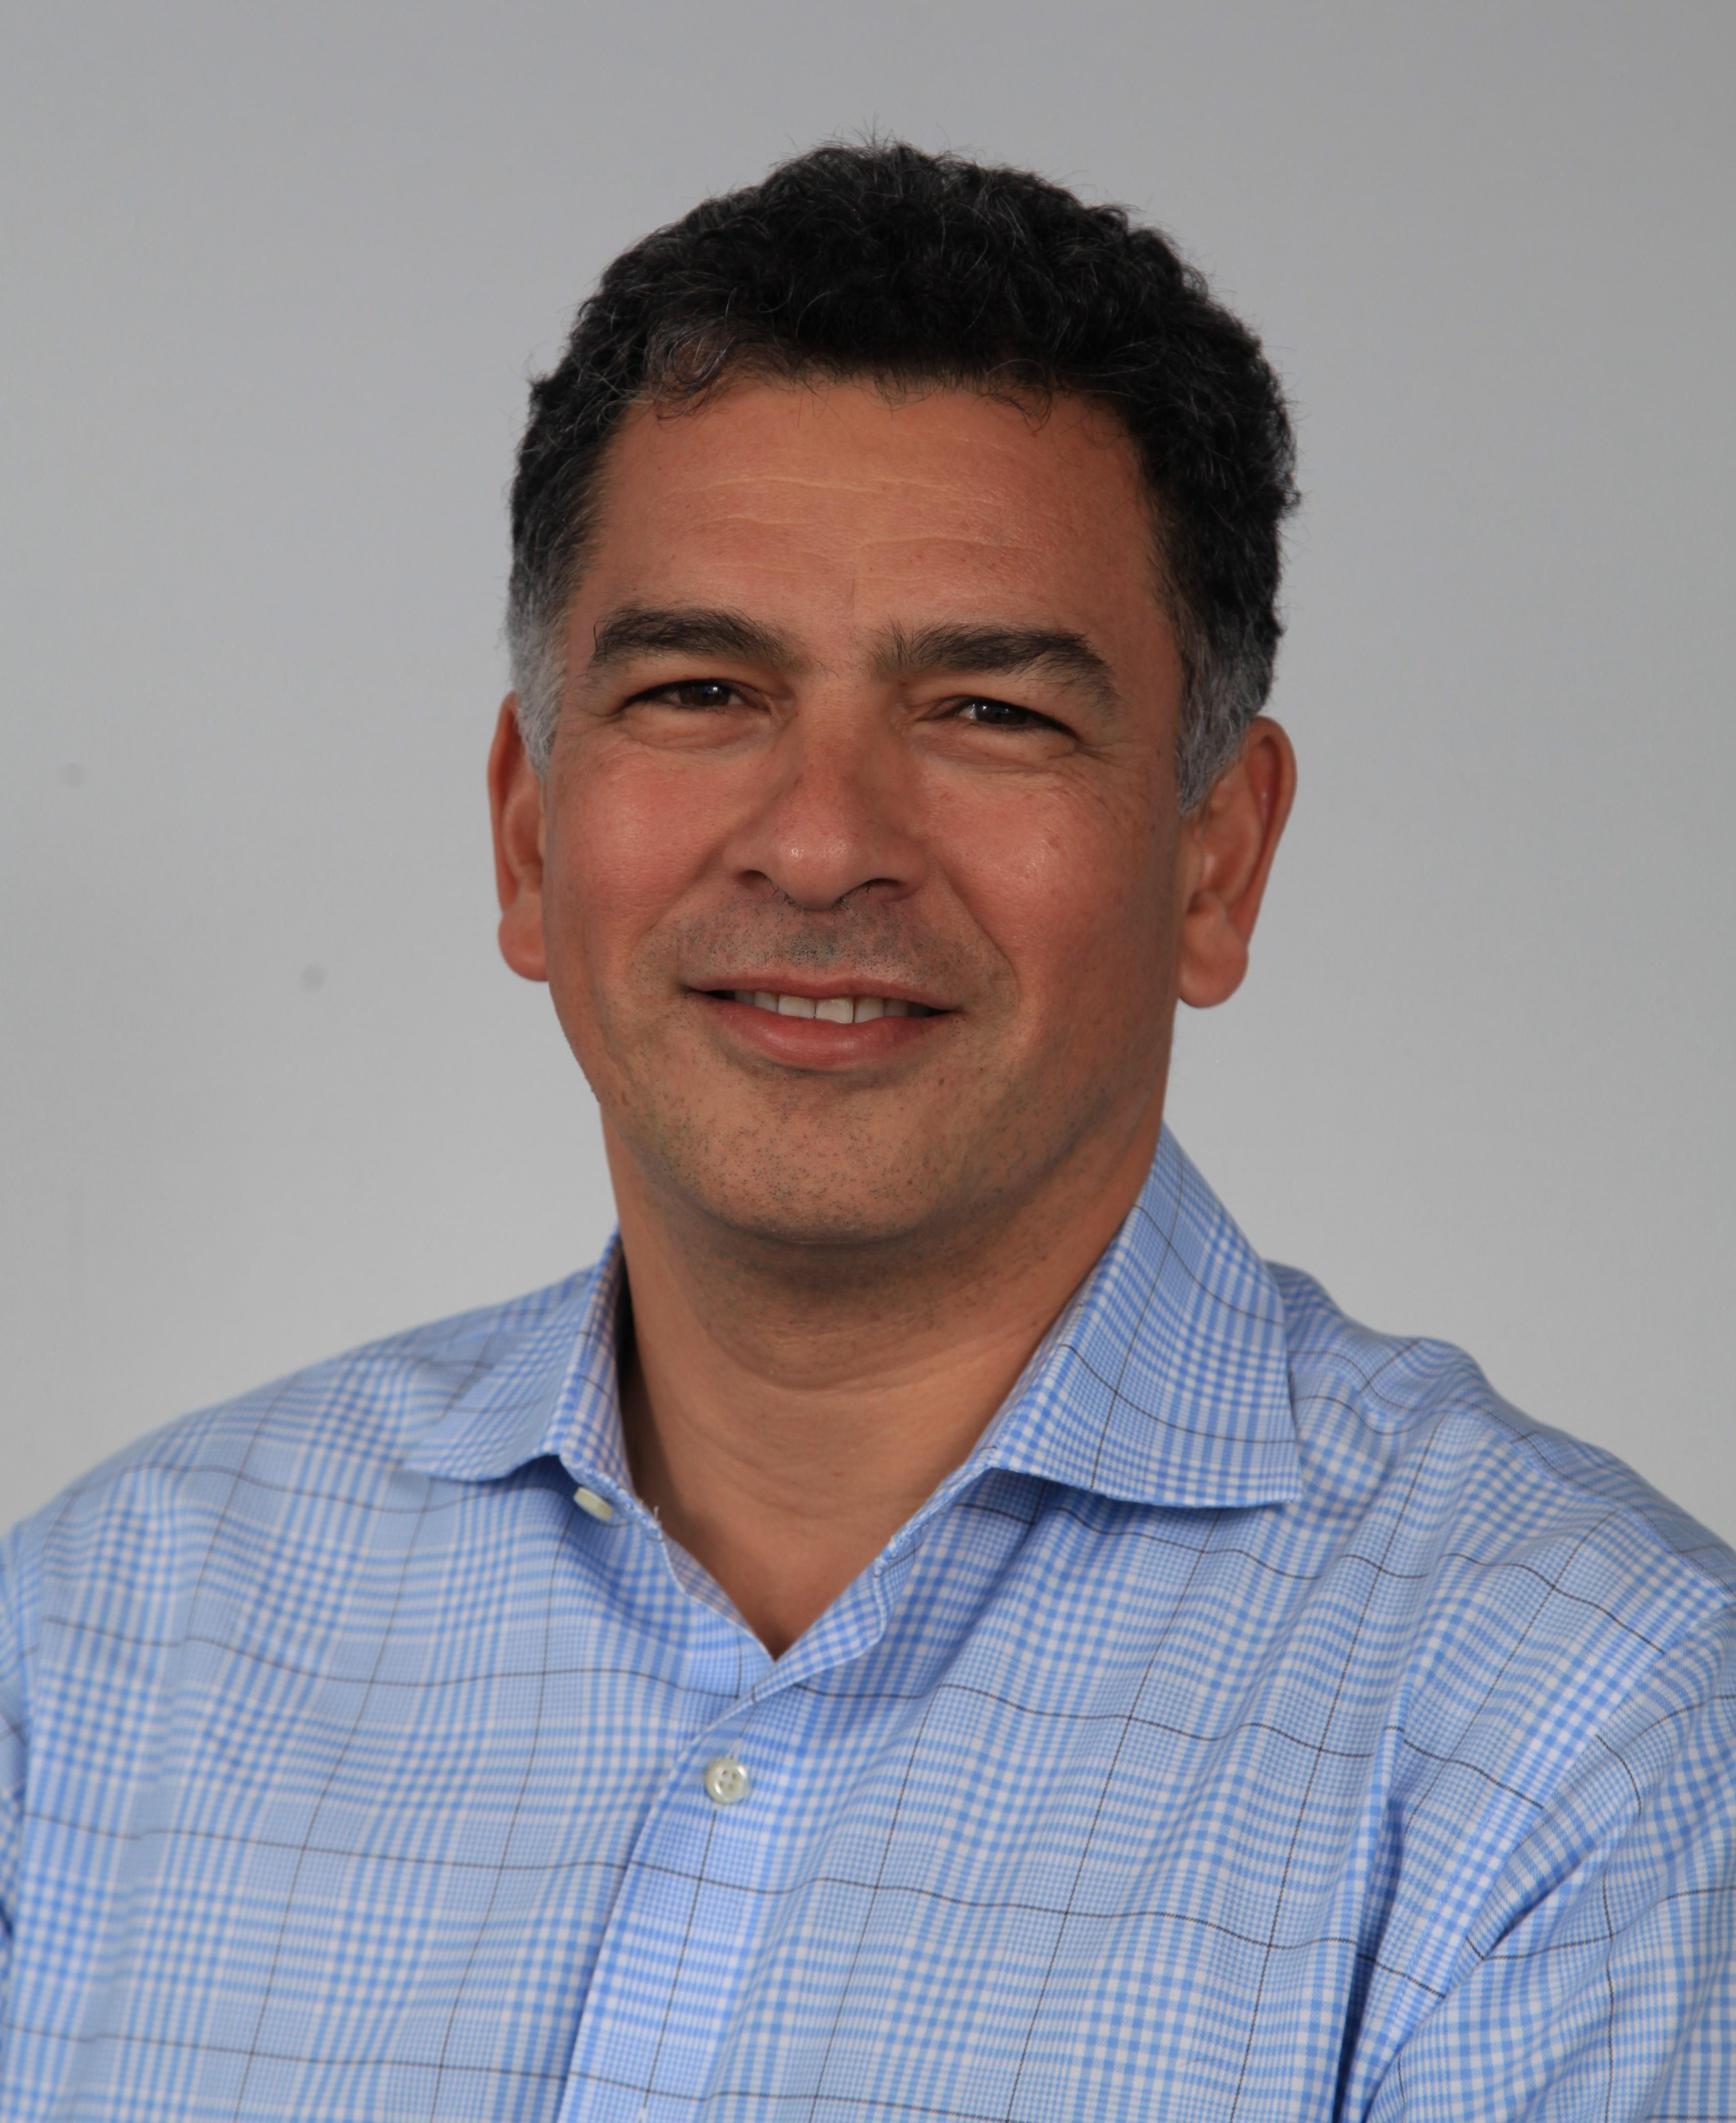 JOSE ARRIAZA